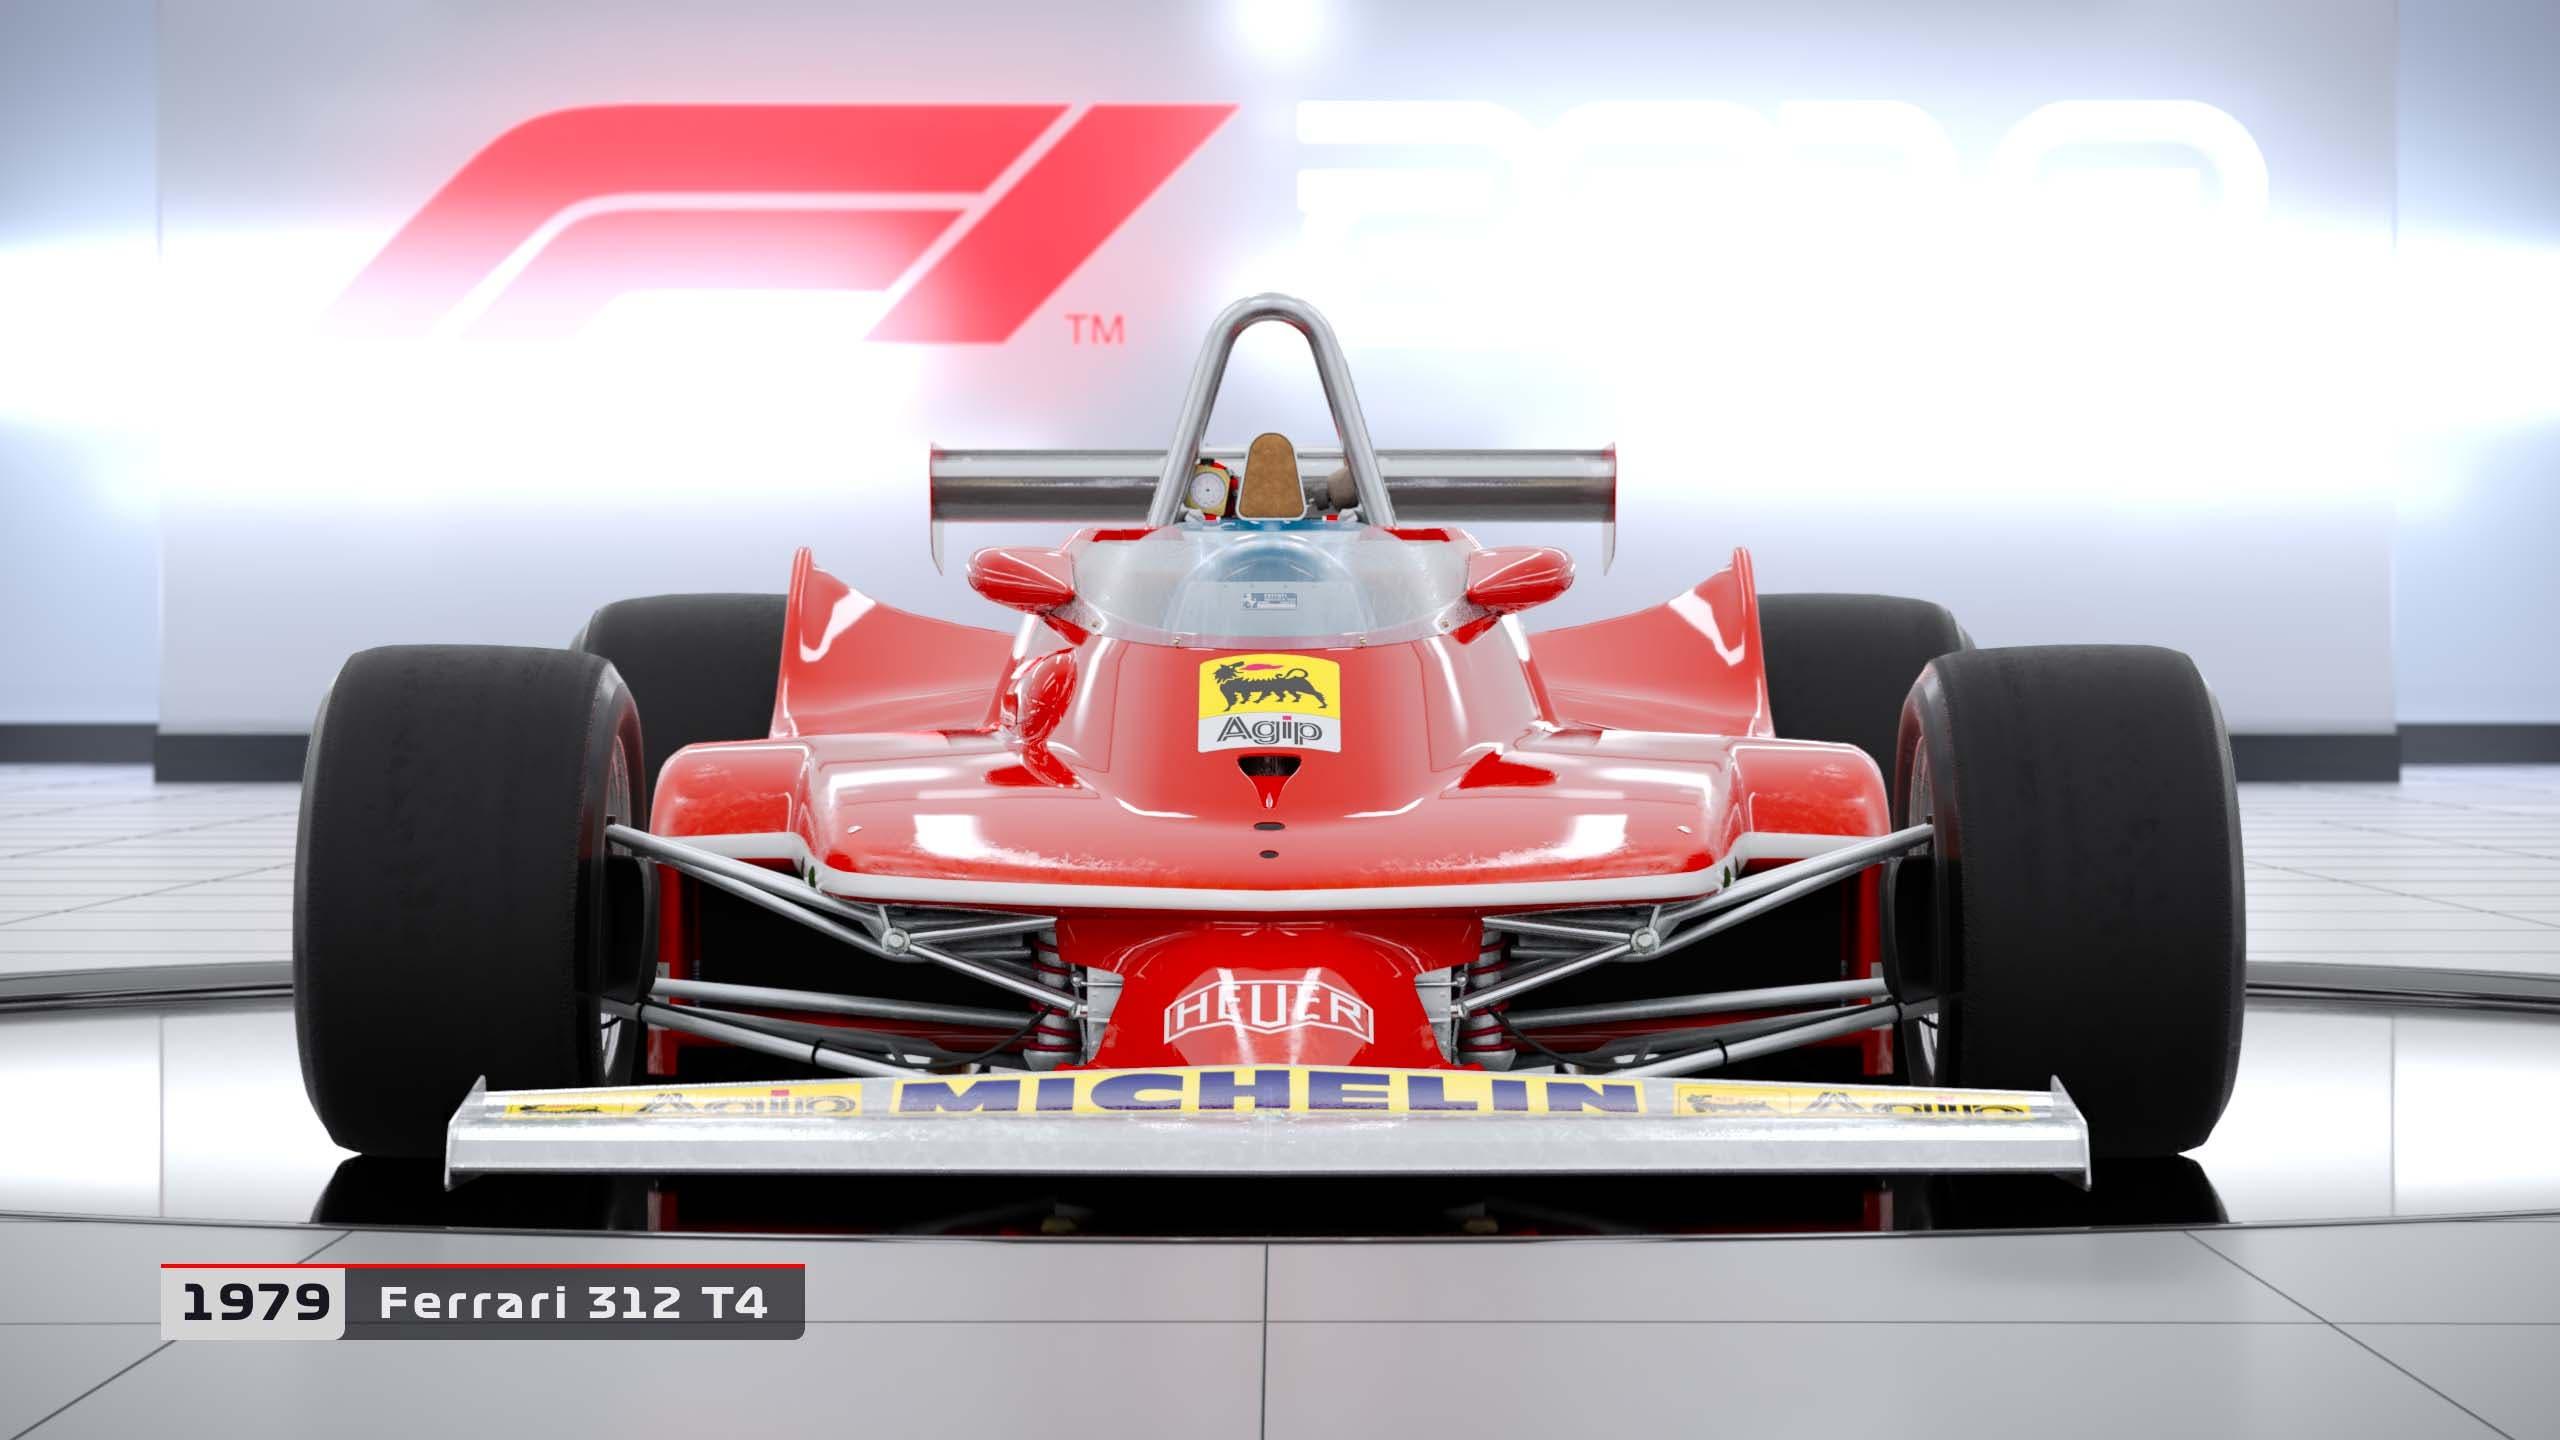 Estos son los coches clásicos que podrás pilotar en F1 2018 2